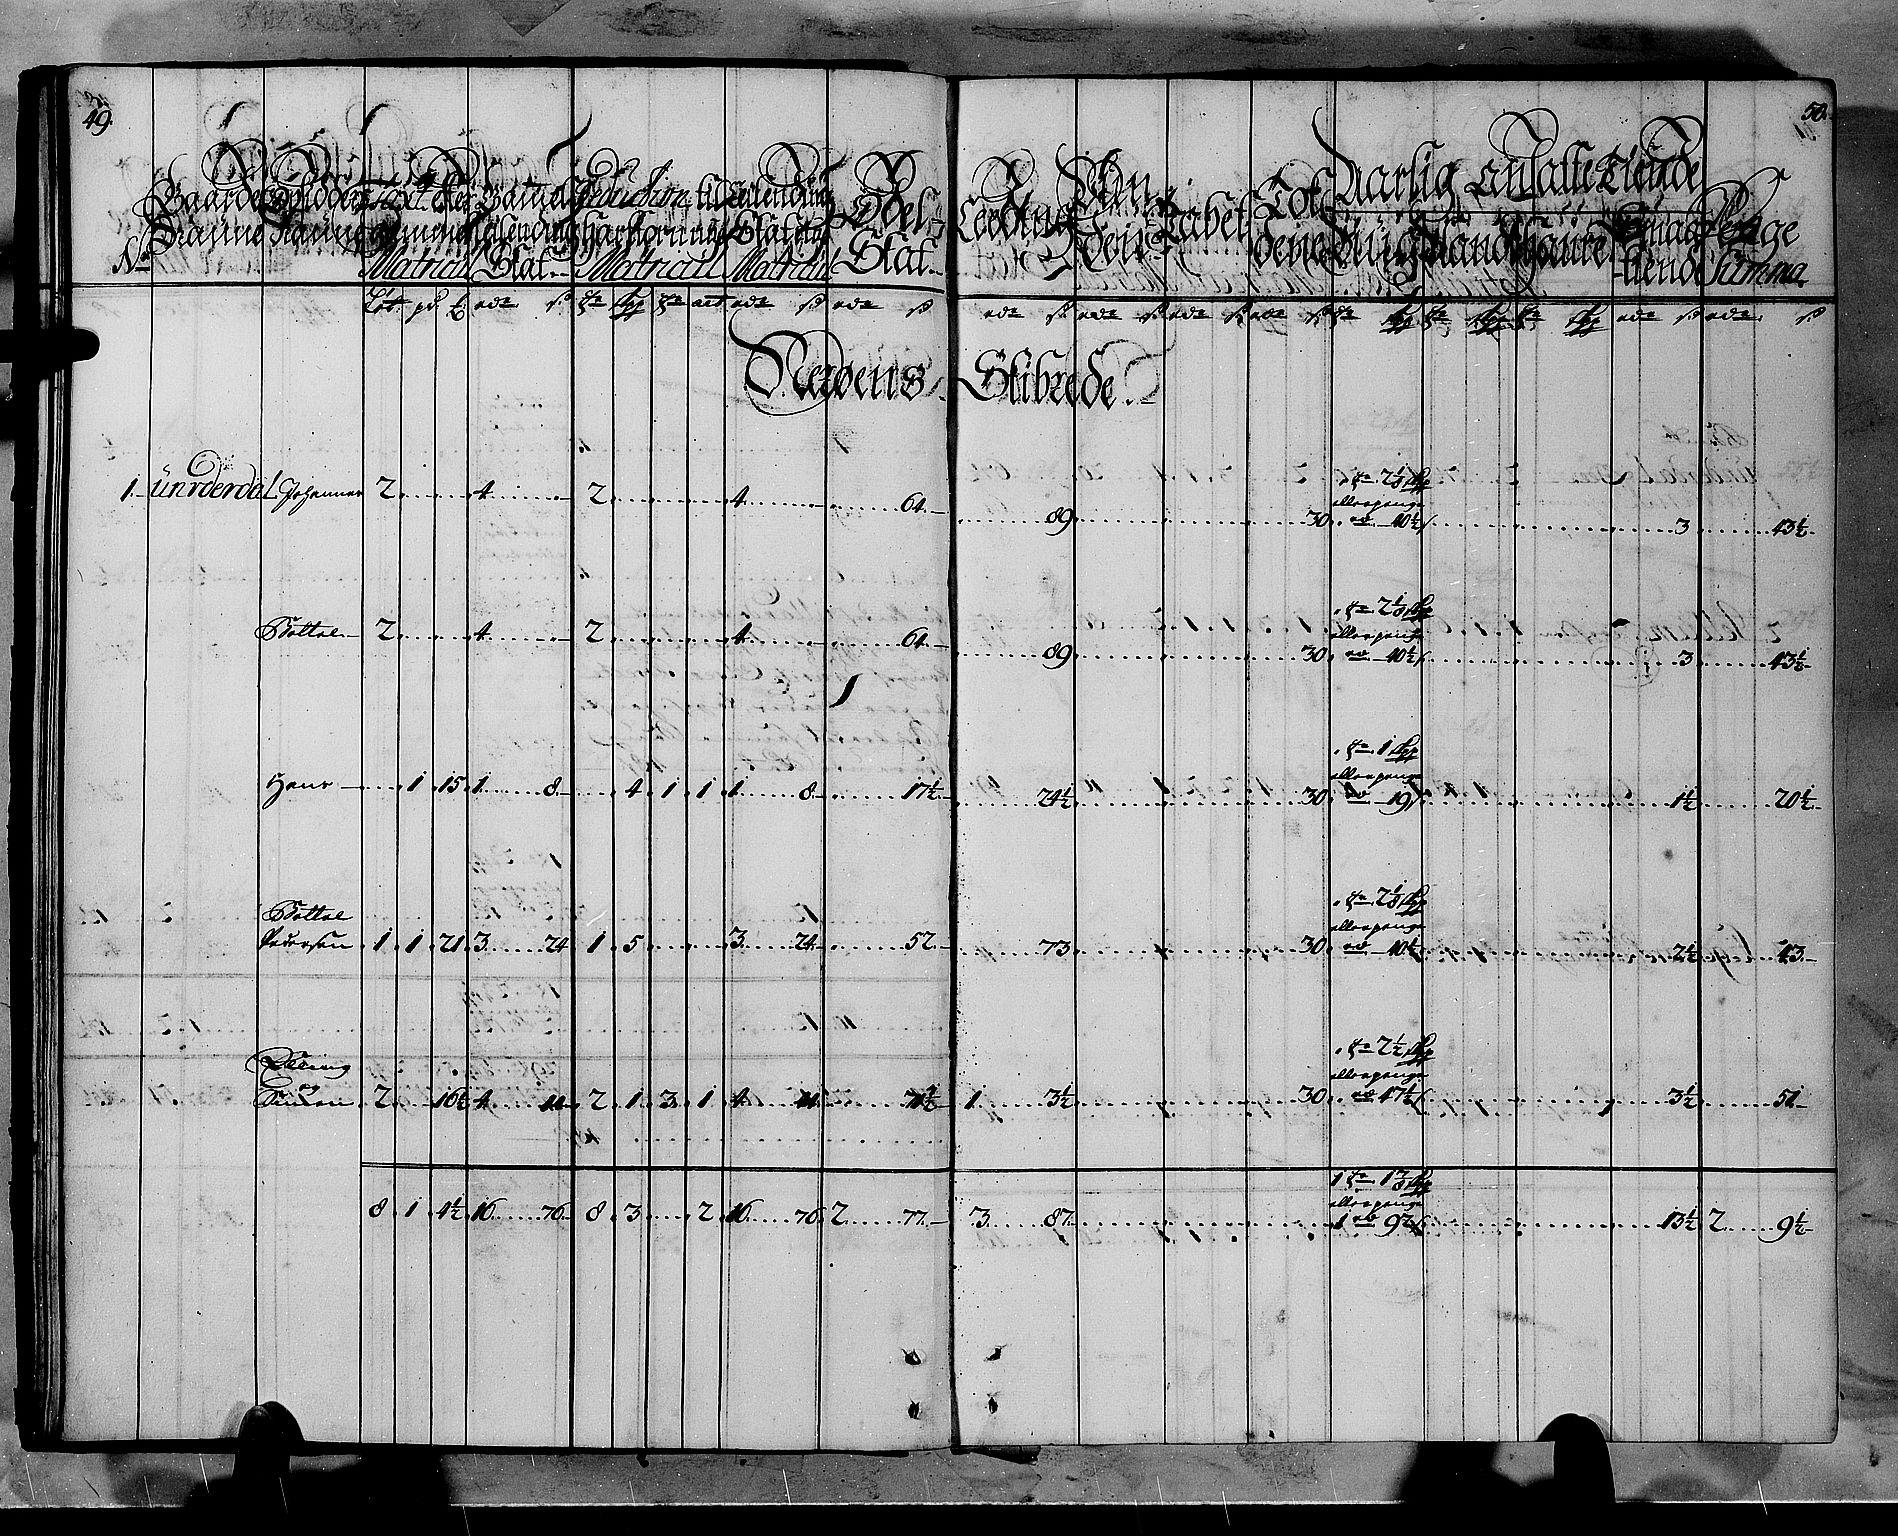 RA, Rentekammeret inntil 1814, Realistisk ordnet avdeling, N/Nb/Nbf/L0145: Ytre Sogn matrikkelprotokoll, 1723, s. 49-50